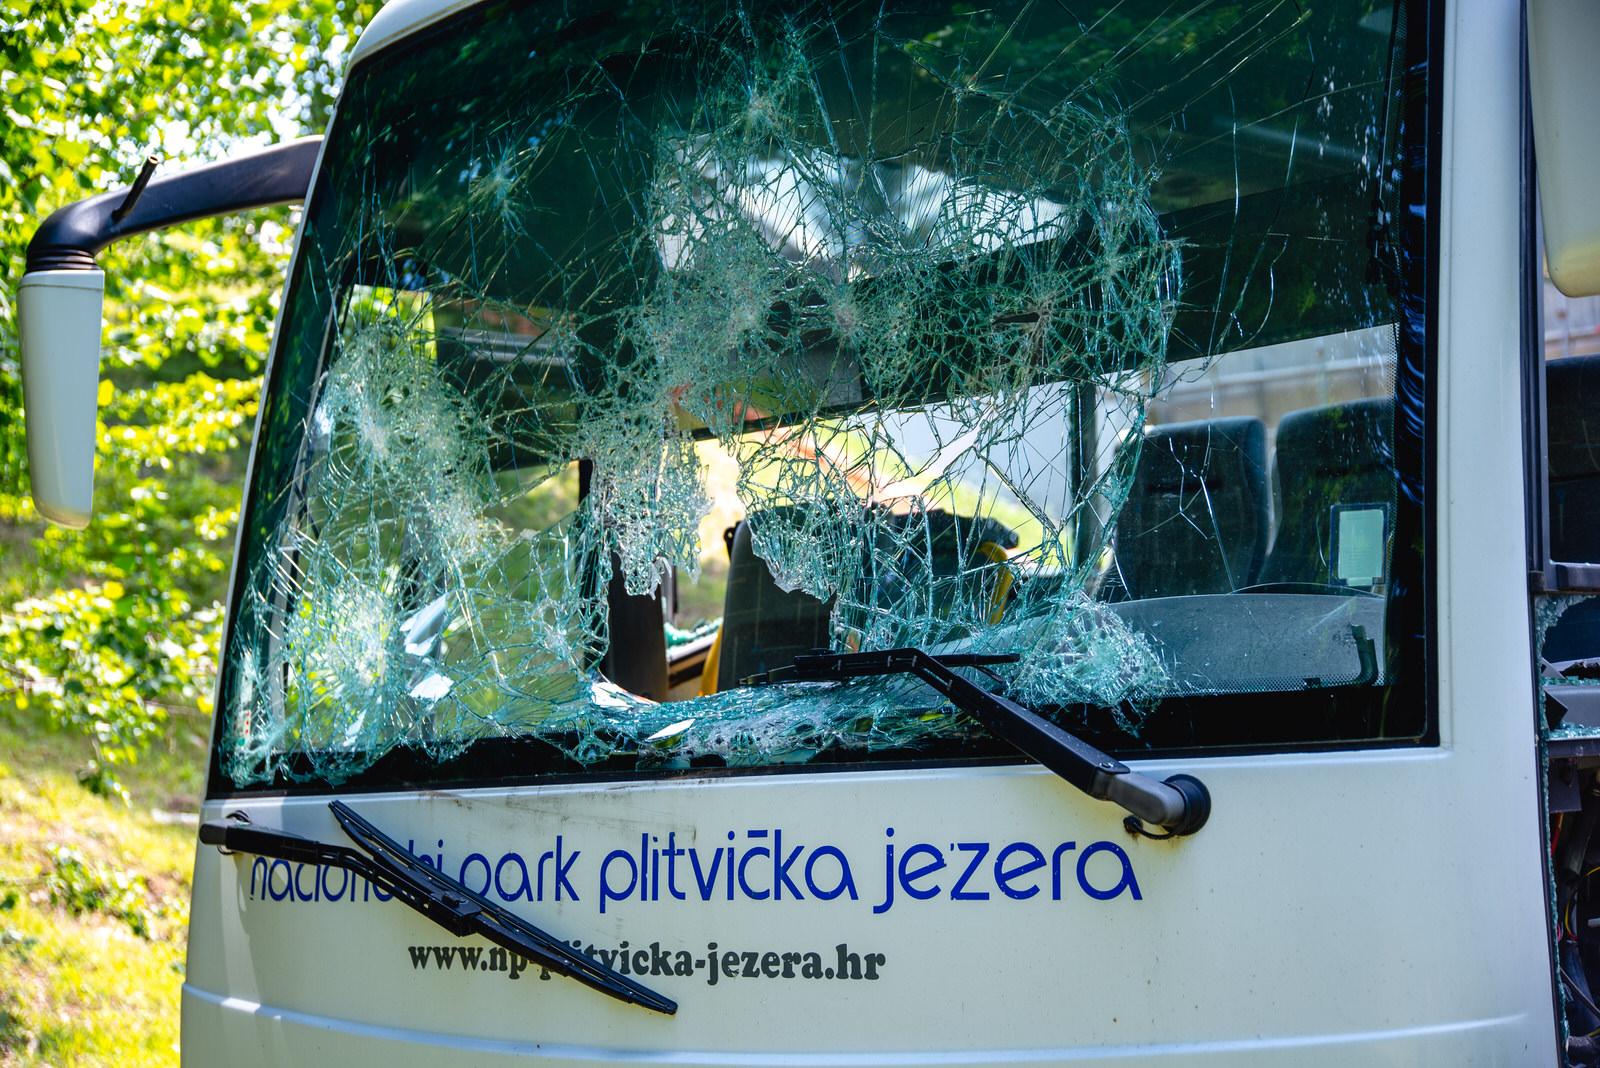 likaclub_autobusi plitvička jezera u mukinjama_11_8_2020 (7)